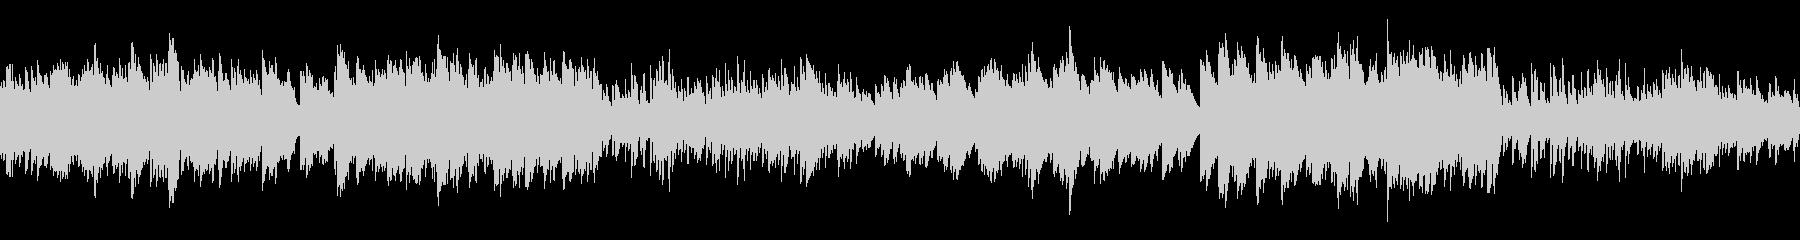 ホラー調で悲しい雰囲気の曲(ループ仕様)の未再生の波形